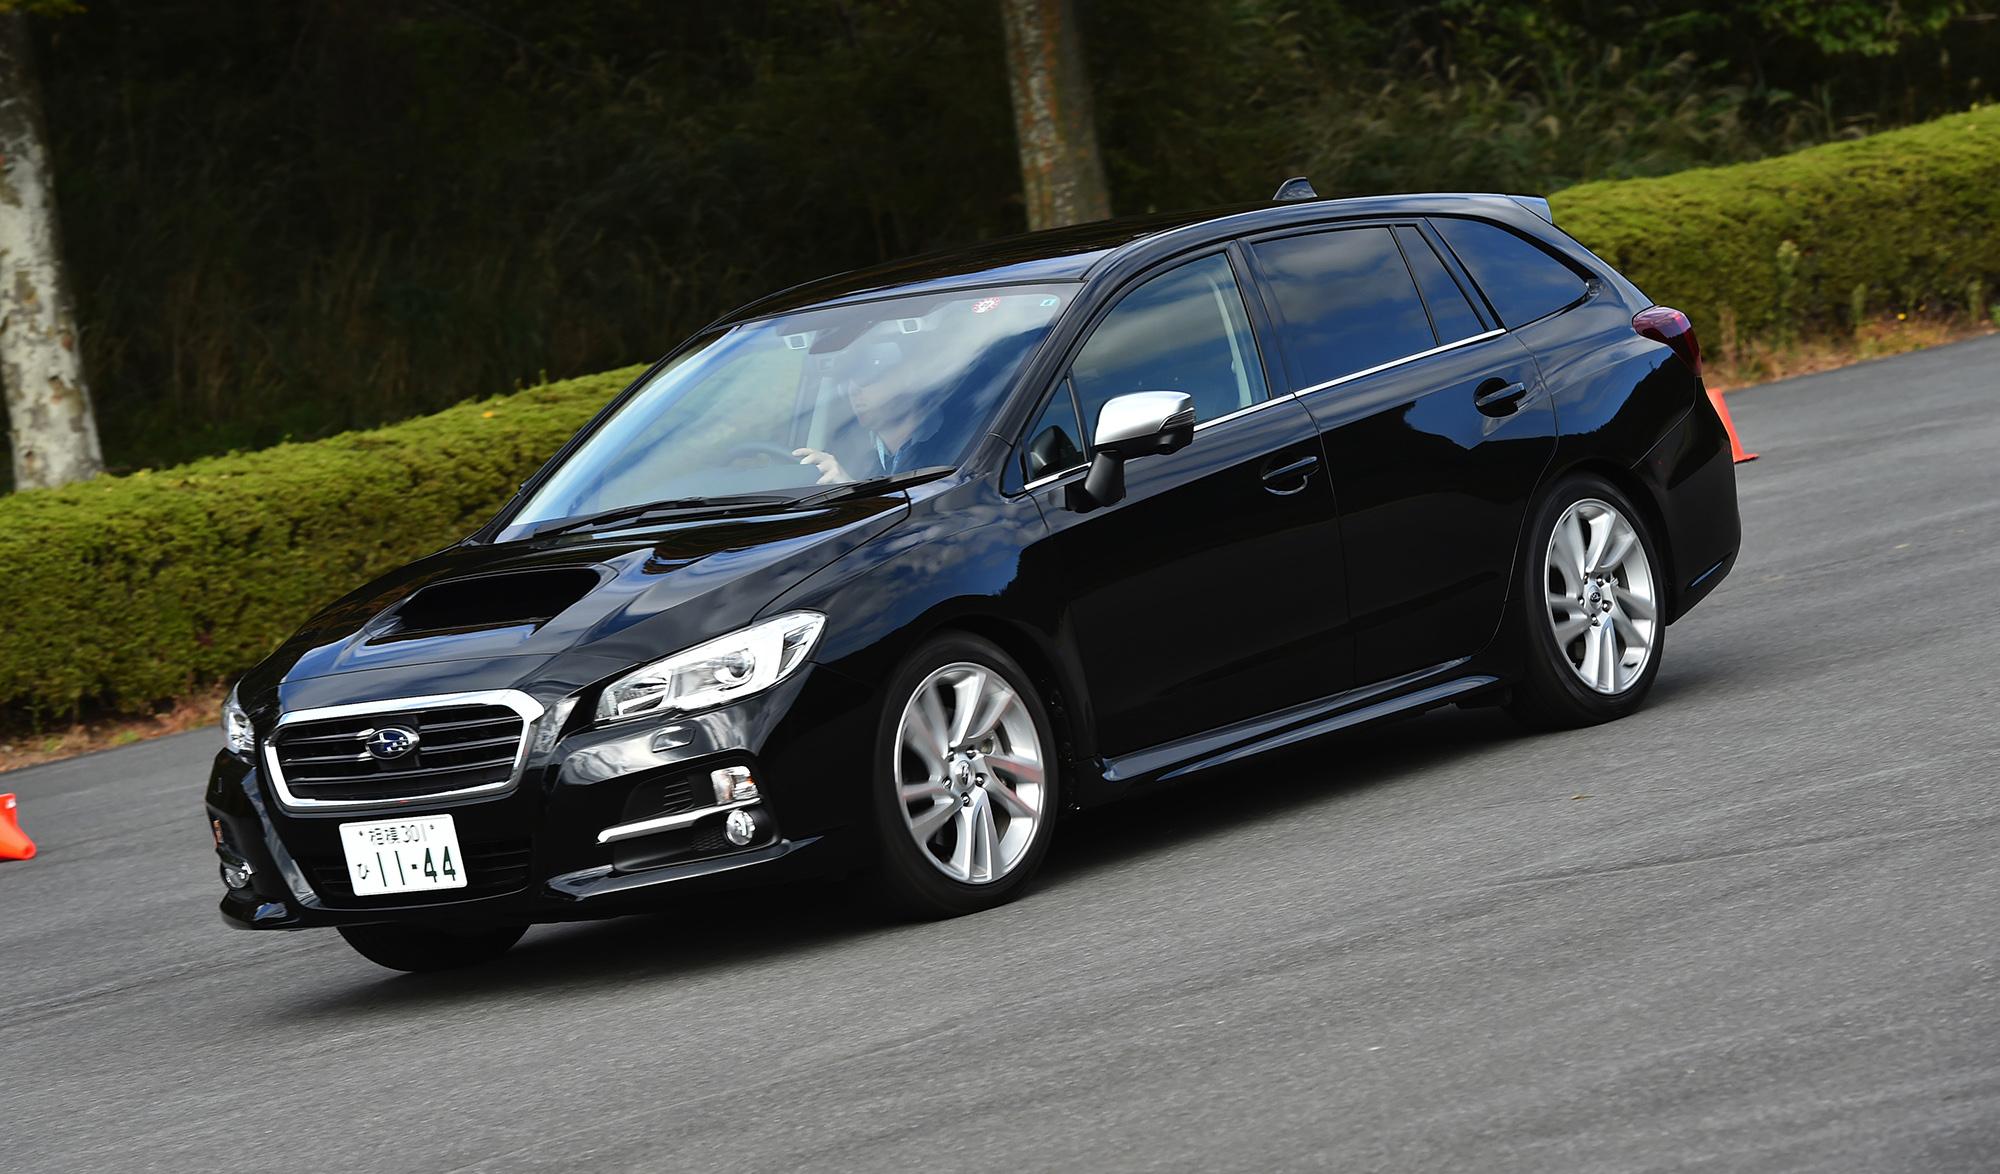 Subaru Levorg Usa >> Subaru Levorg Usa Auto Car Reviews 2019 2020